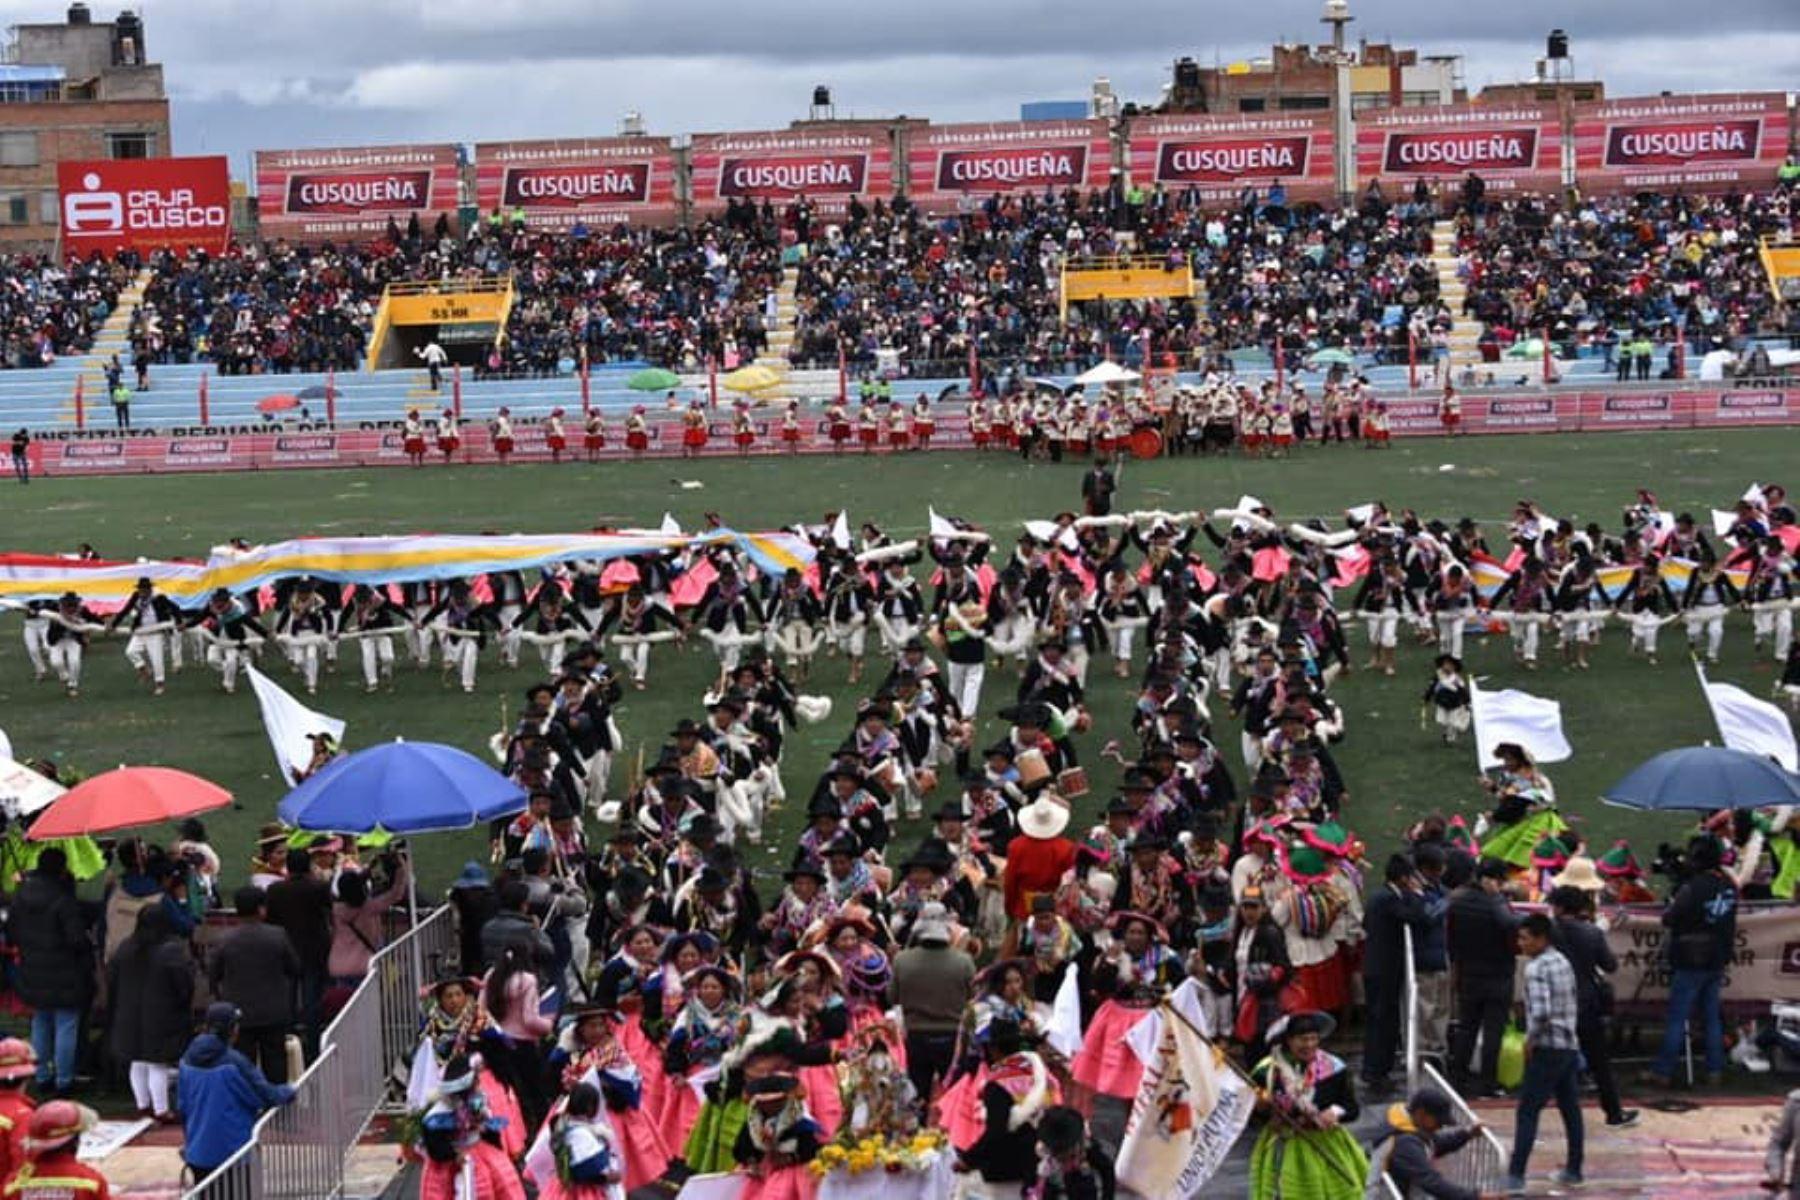 La Festividad de la Virgen de la Candelaria es la expresión religiosa y cultural más importante del Perú.